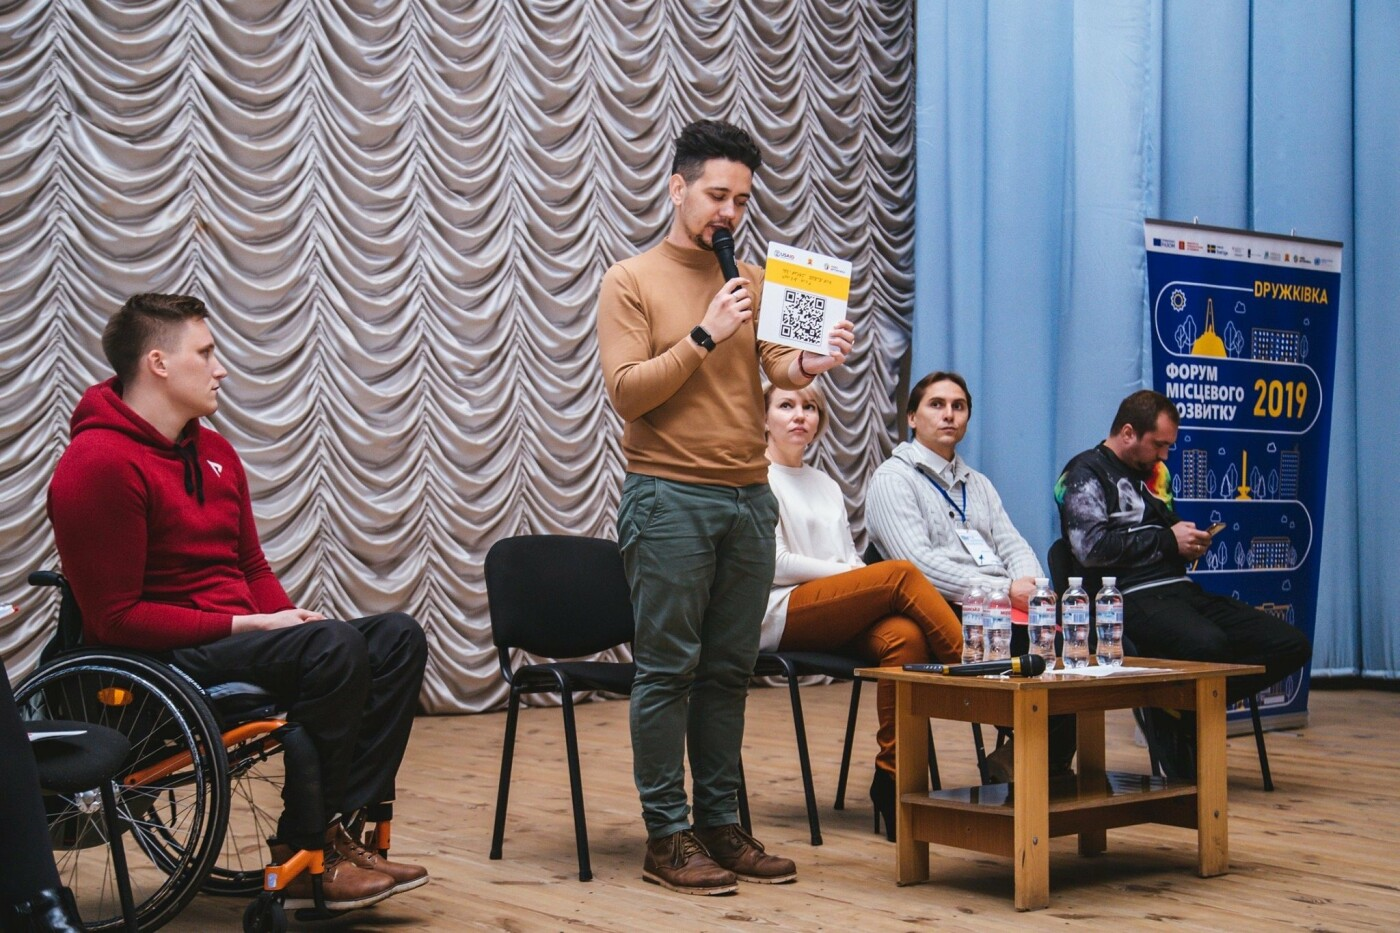 Дружківка: На Форумі місцевого розвитку пройшли плідні дискусії про майбутнє міста та громади (ФОТО), фото-15